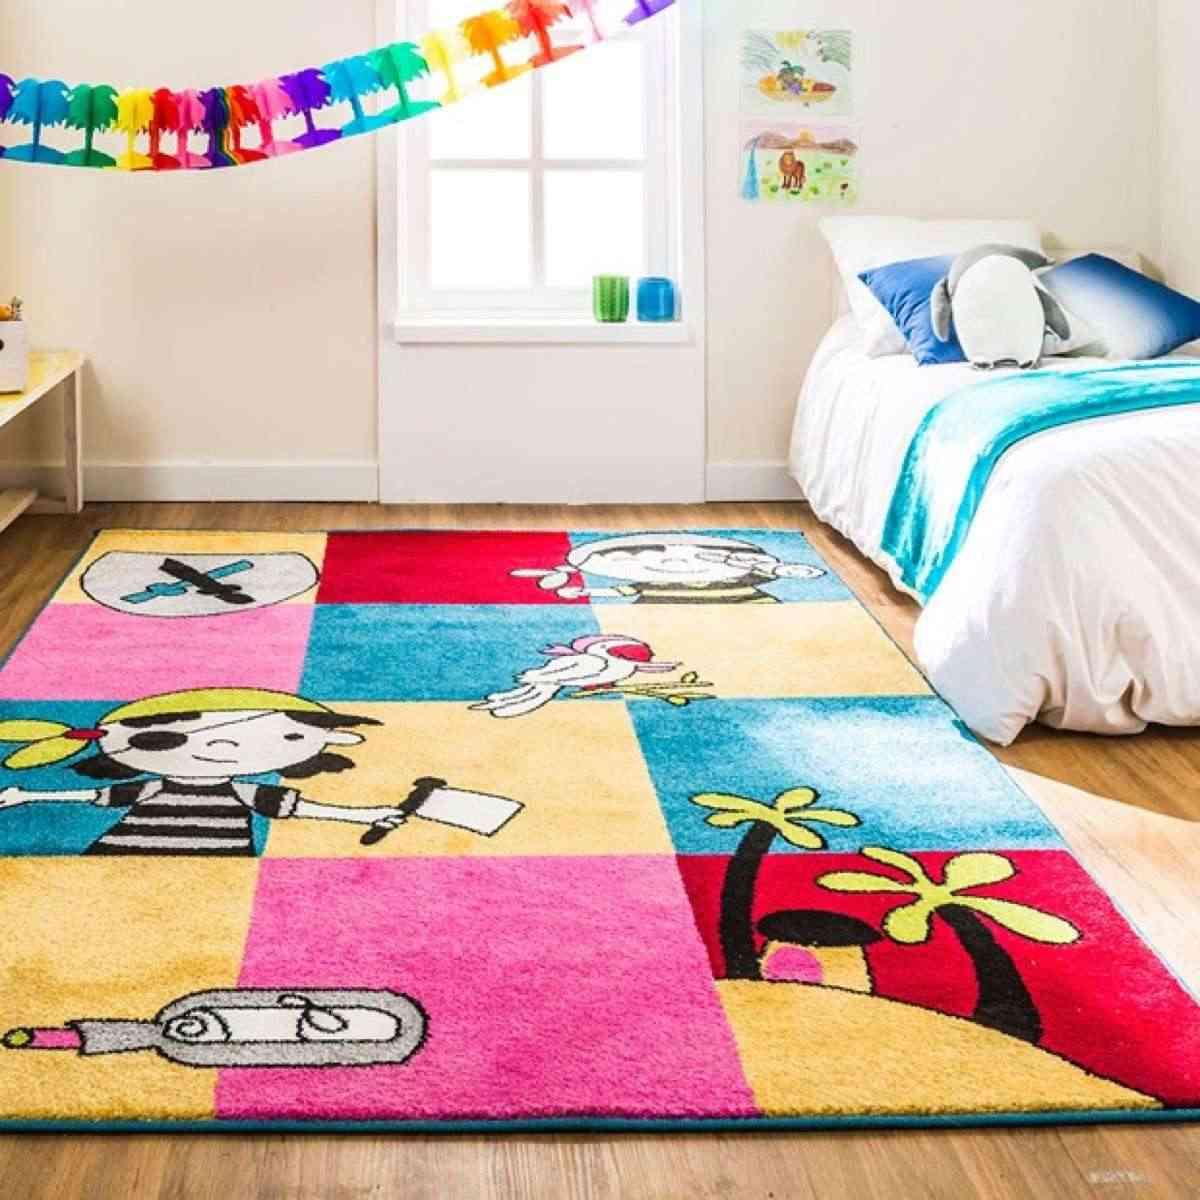 12 alfombras juveniles para animar el dormitorio - Barandilla cama nino leroy merlin ...